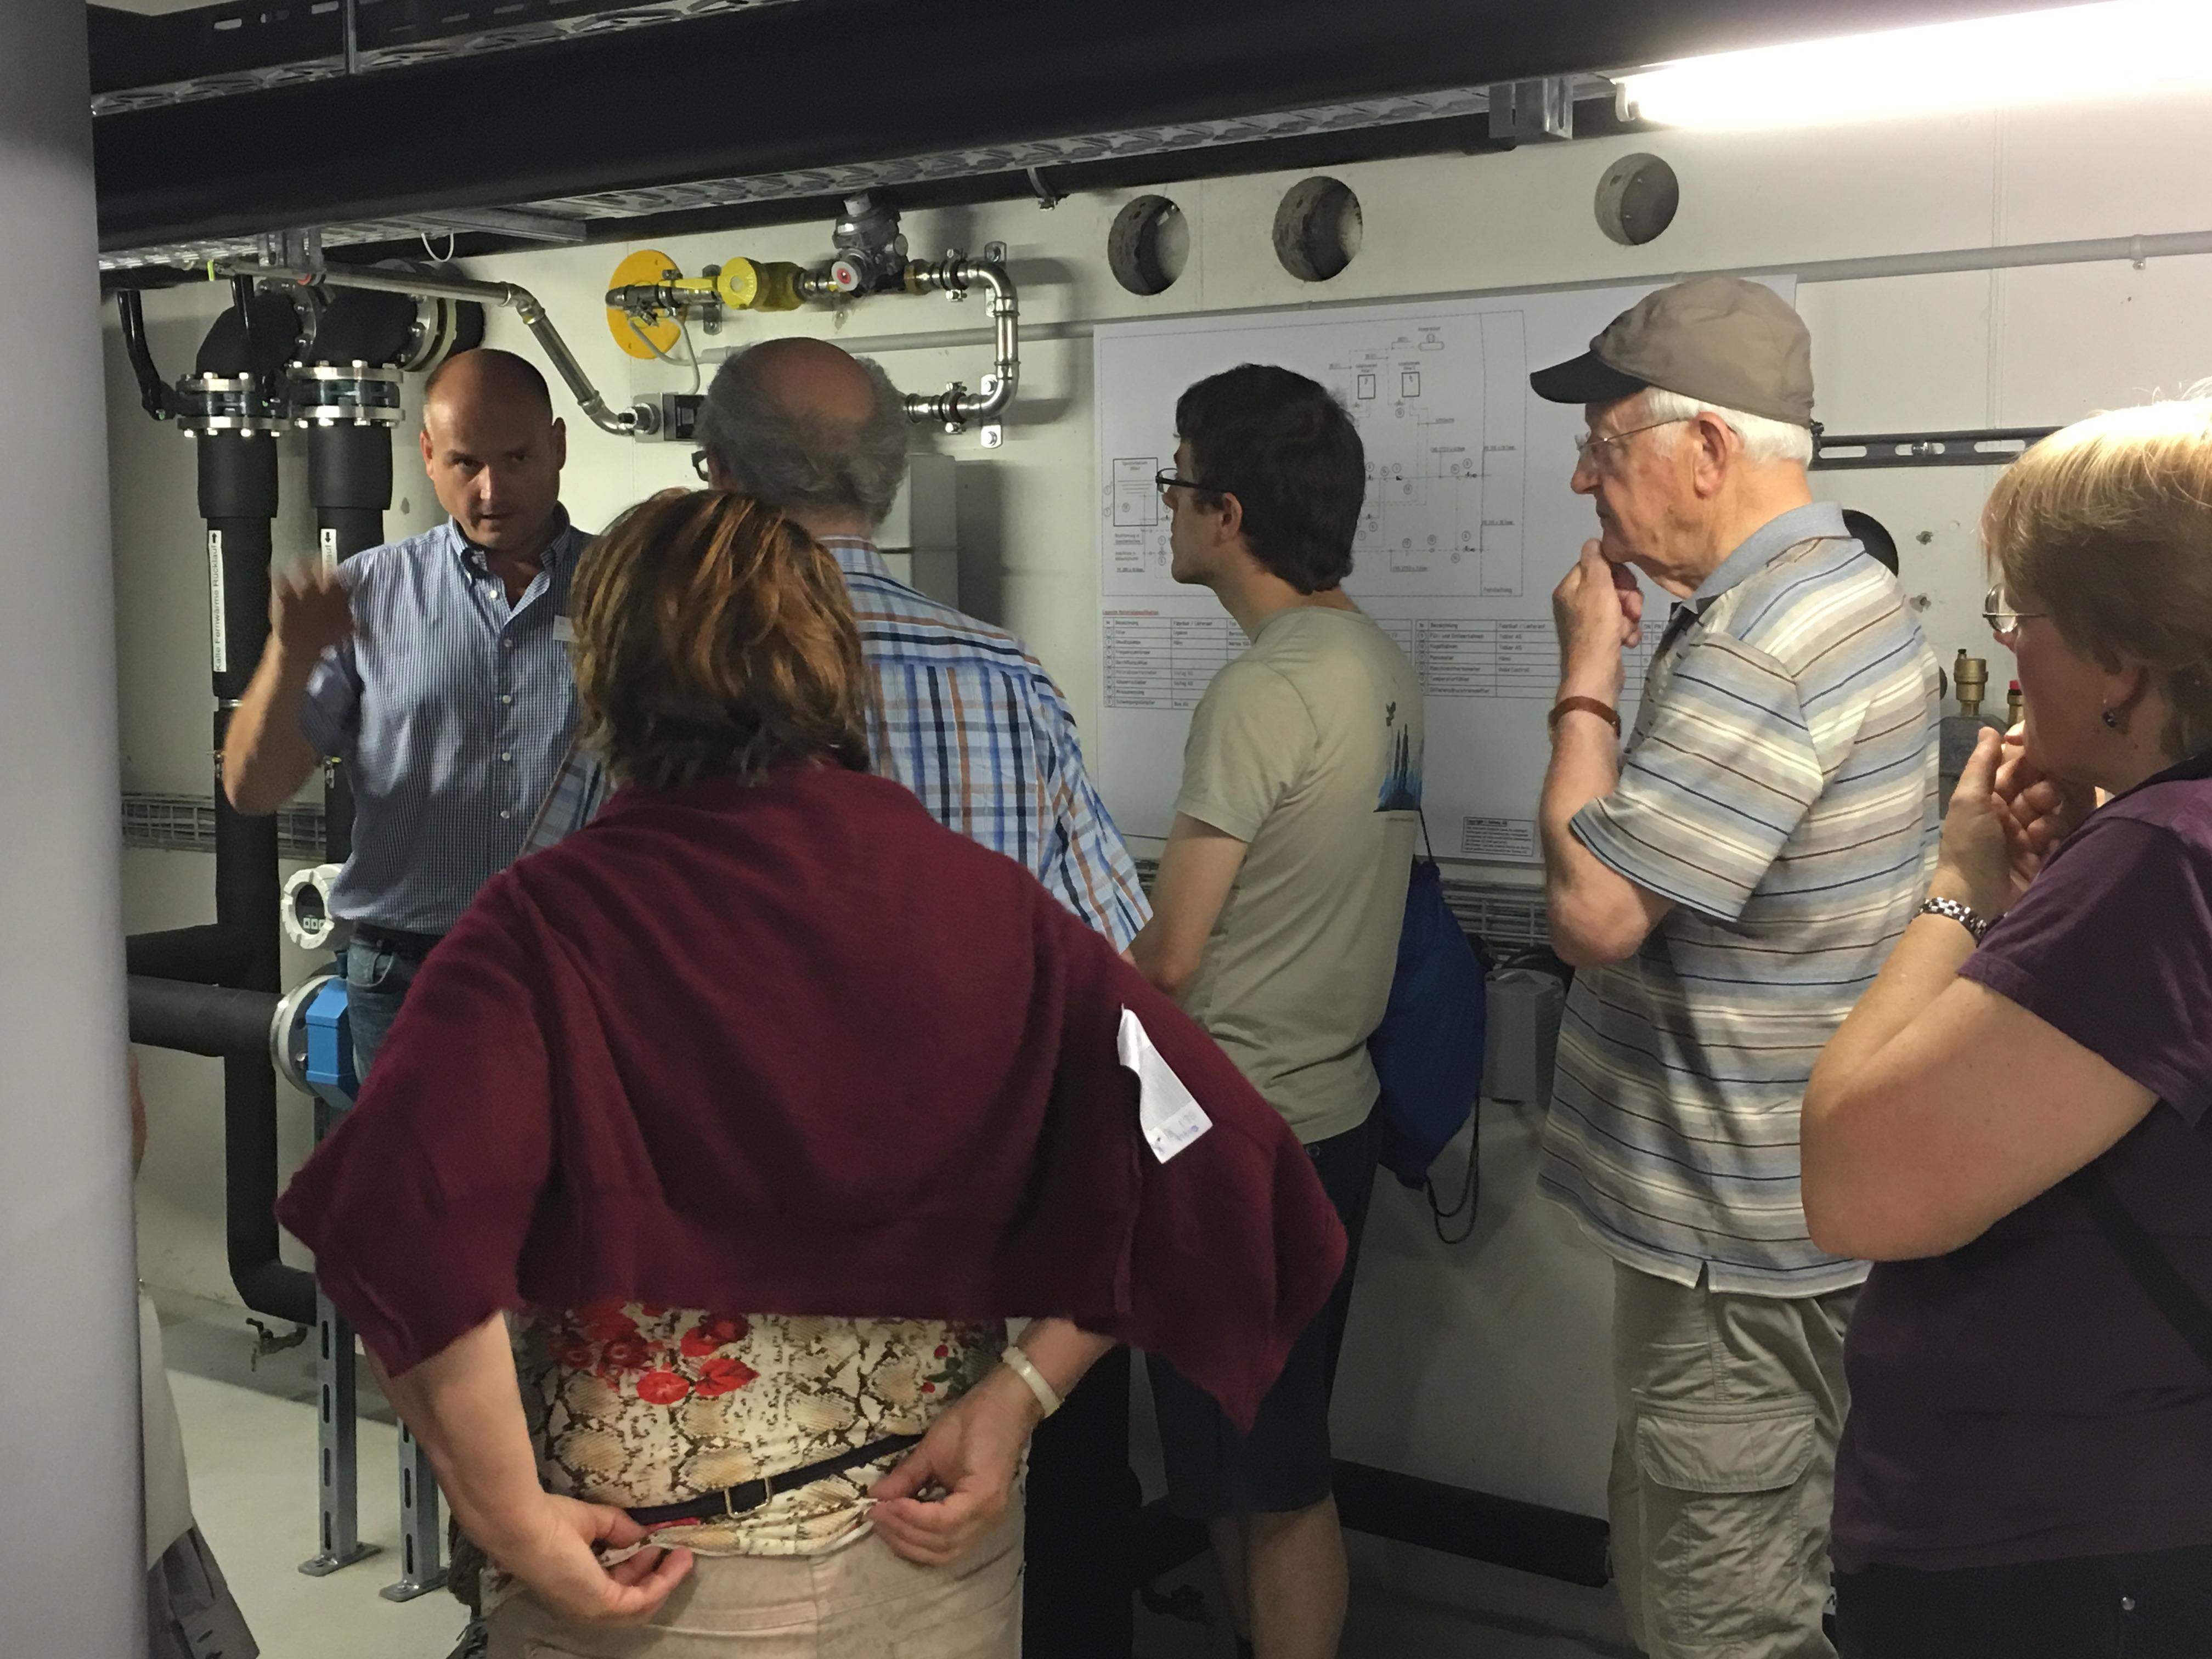 Markus Thoma vom Glattwerk erklärt die Heizzentrale mit kalter Fernwärme von der ARA.